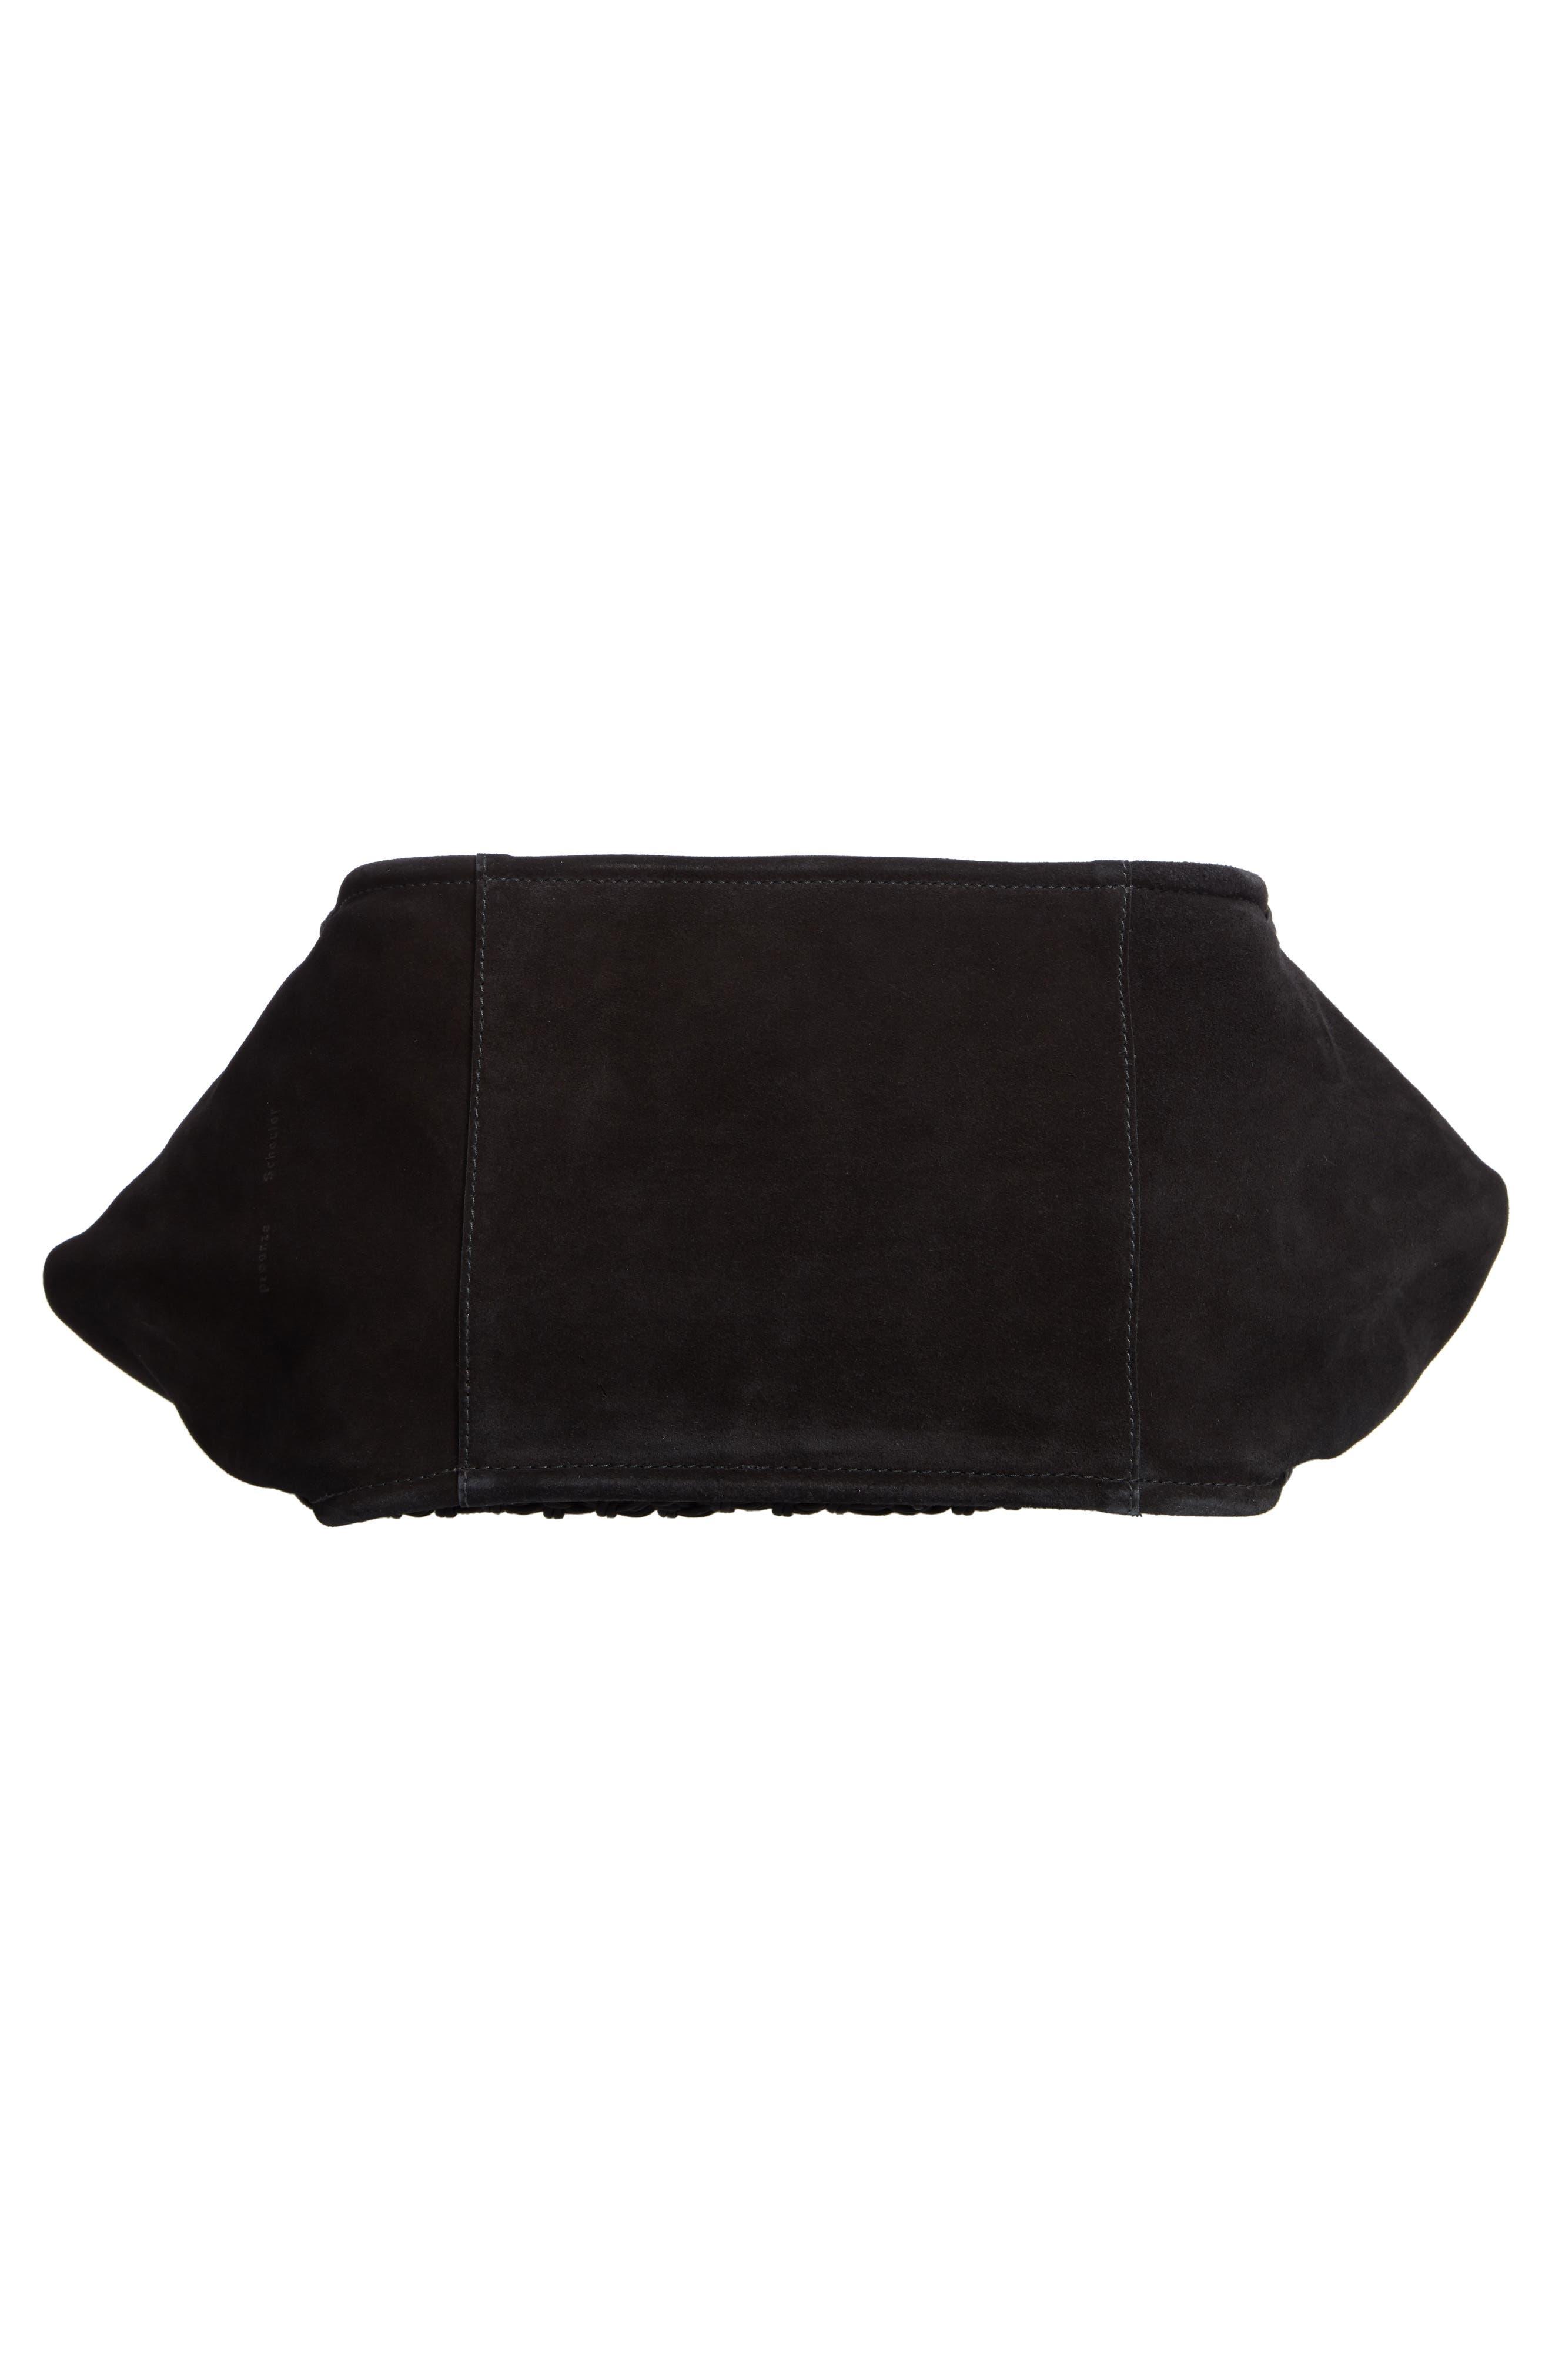 PROENZA SCHOULER, Large Macramé Tote, Alternate thumbnail 6, color, BLACK/ BLACK